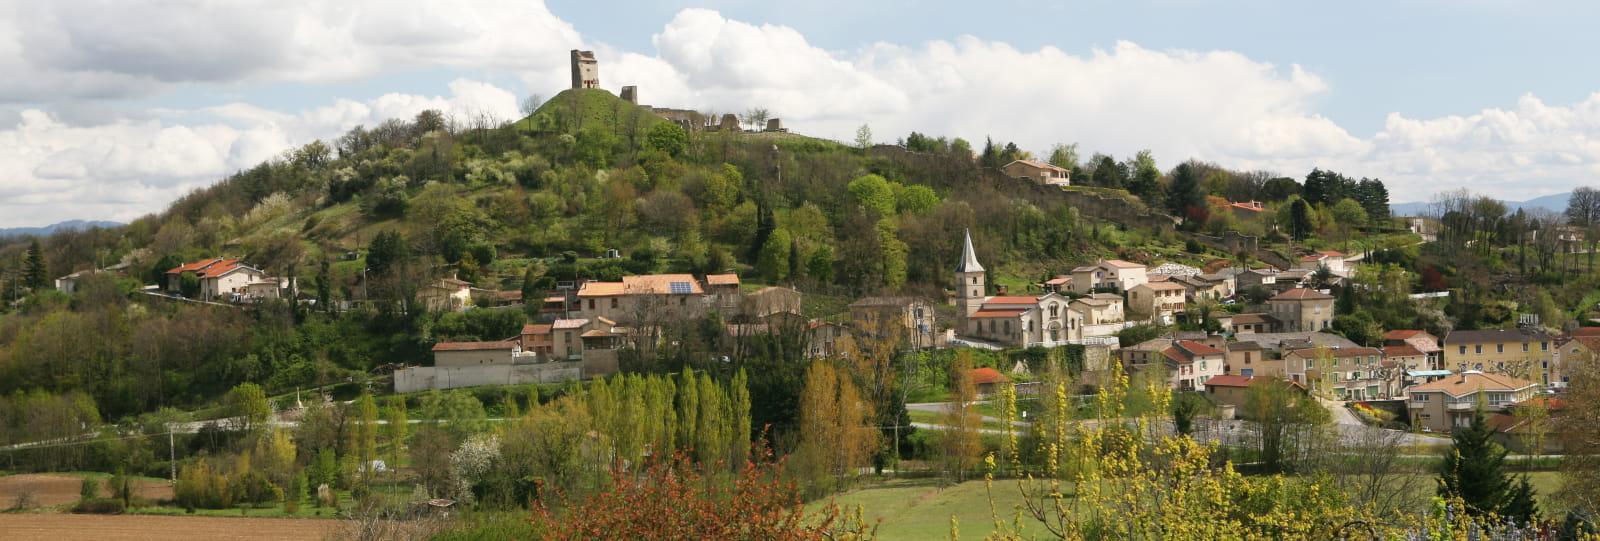 Le village de Mercurol